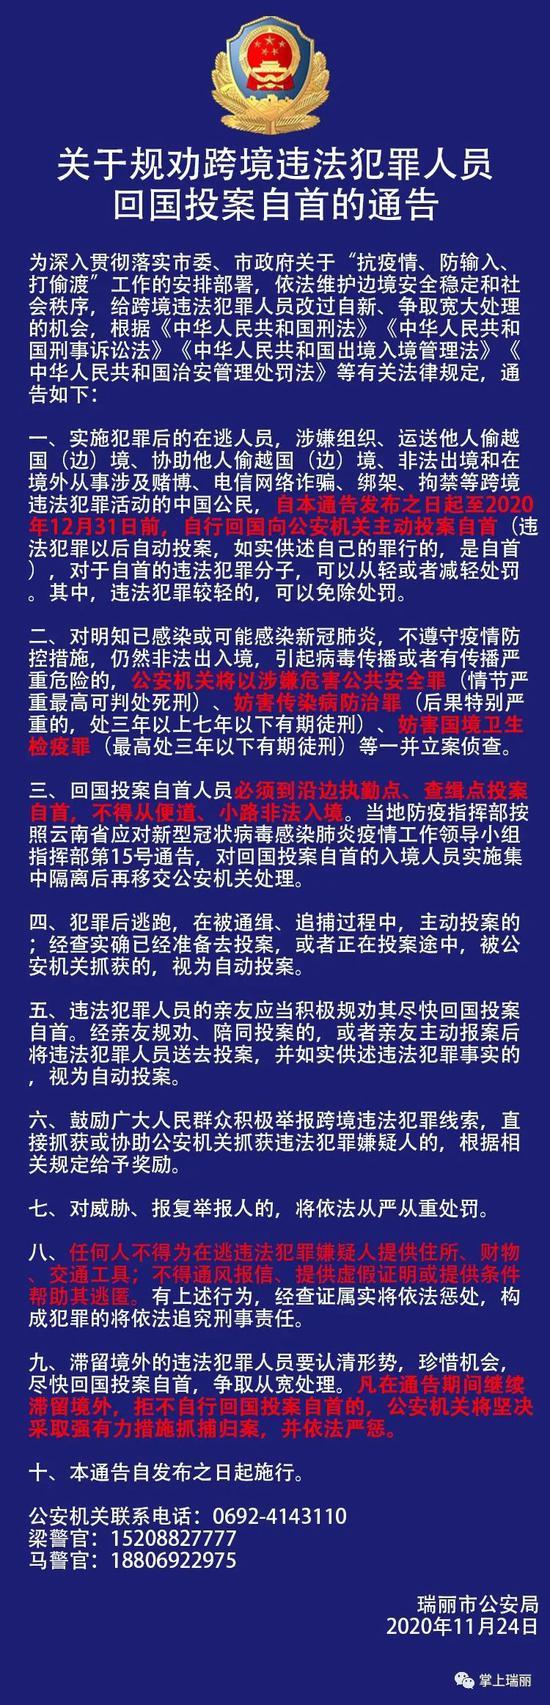 云南瑞丽警方规劝引导跨境违法犯罪人员回国投案自首140人图片